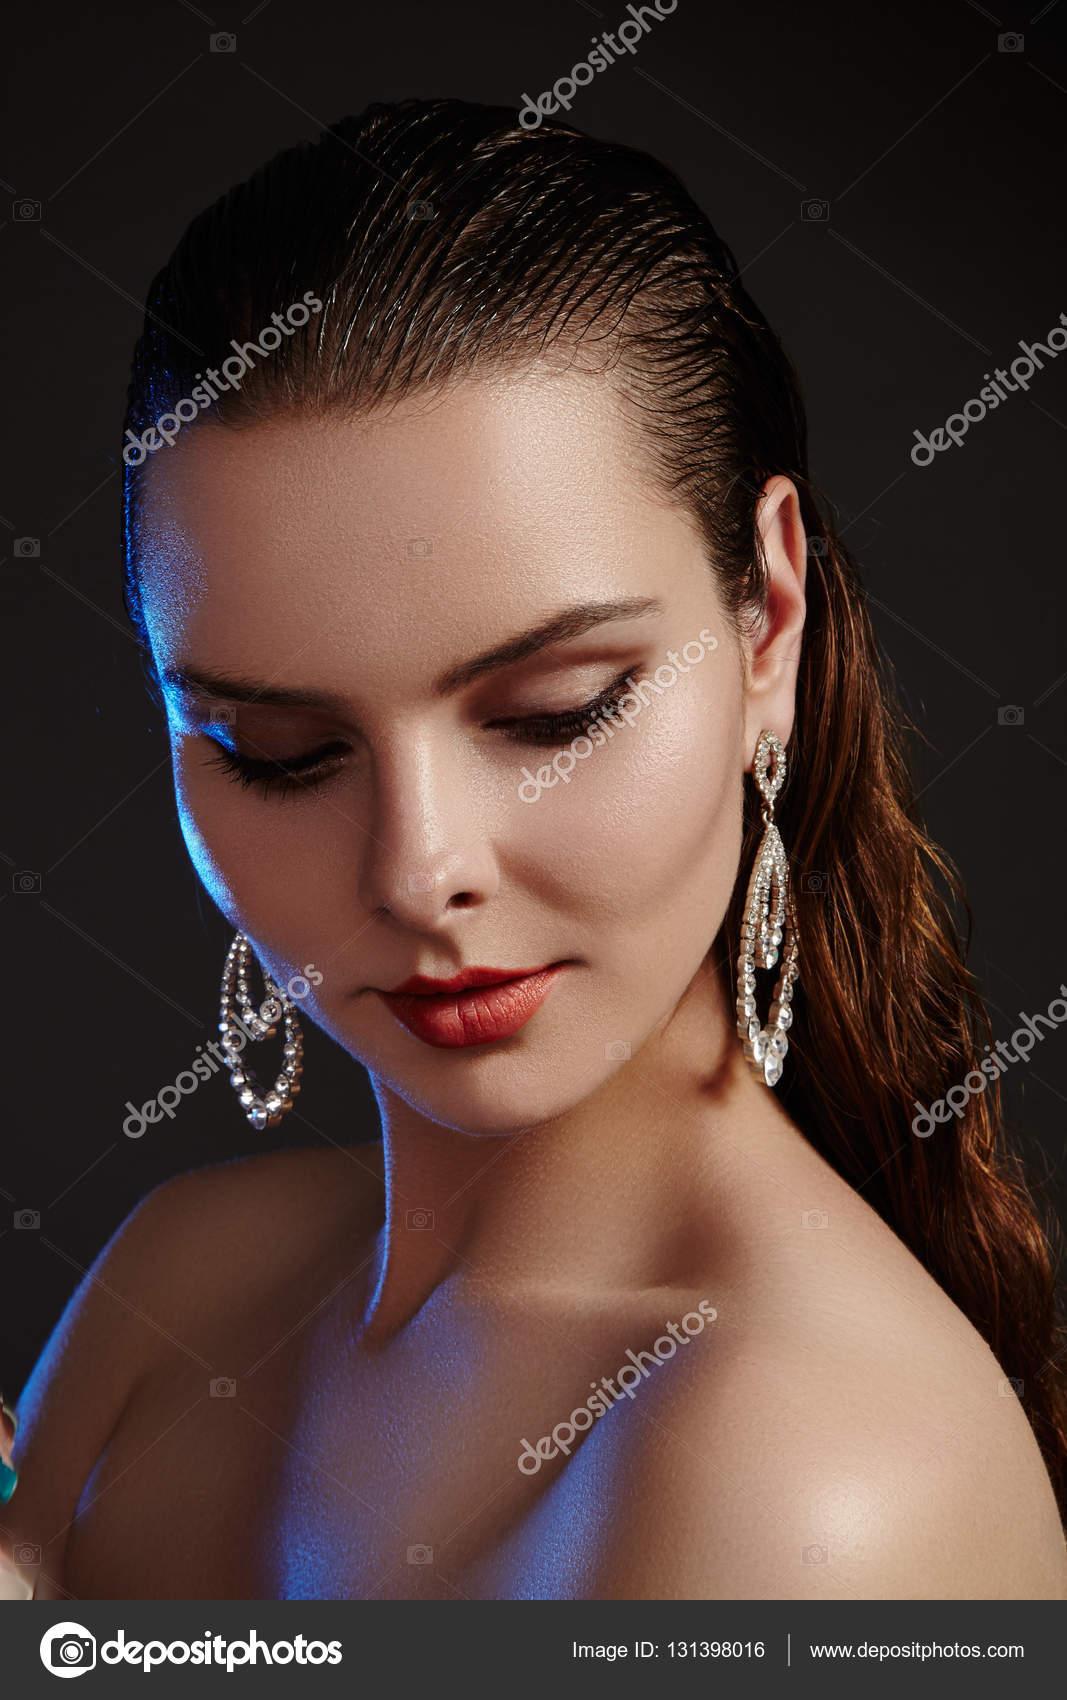 belle femme luxe fashion boucles d'oreilles. bijoux en diamants